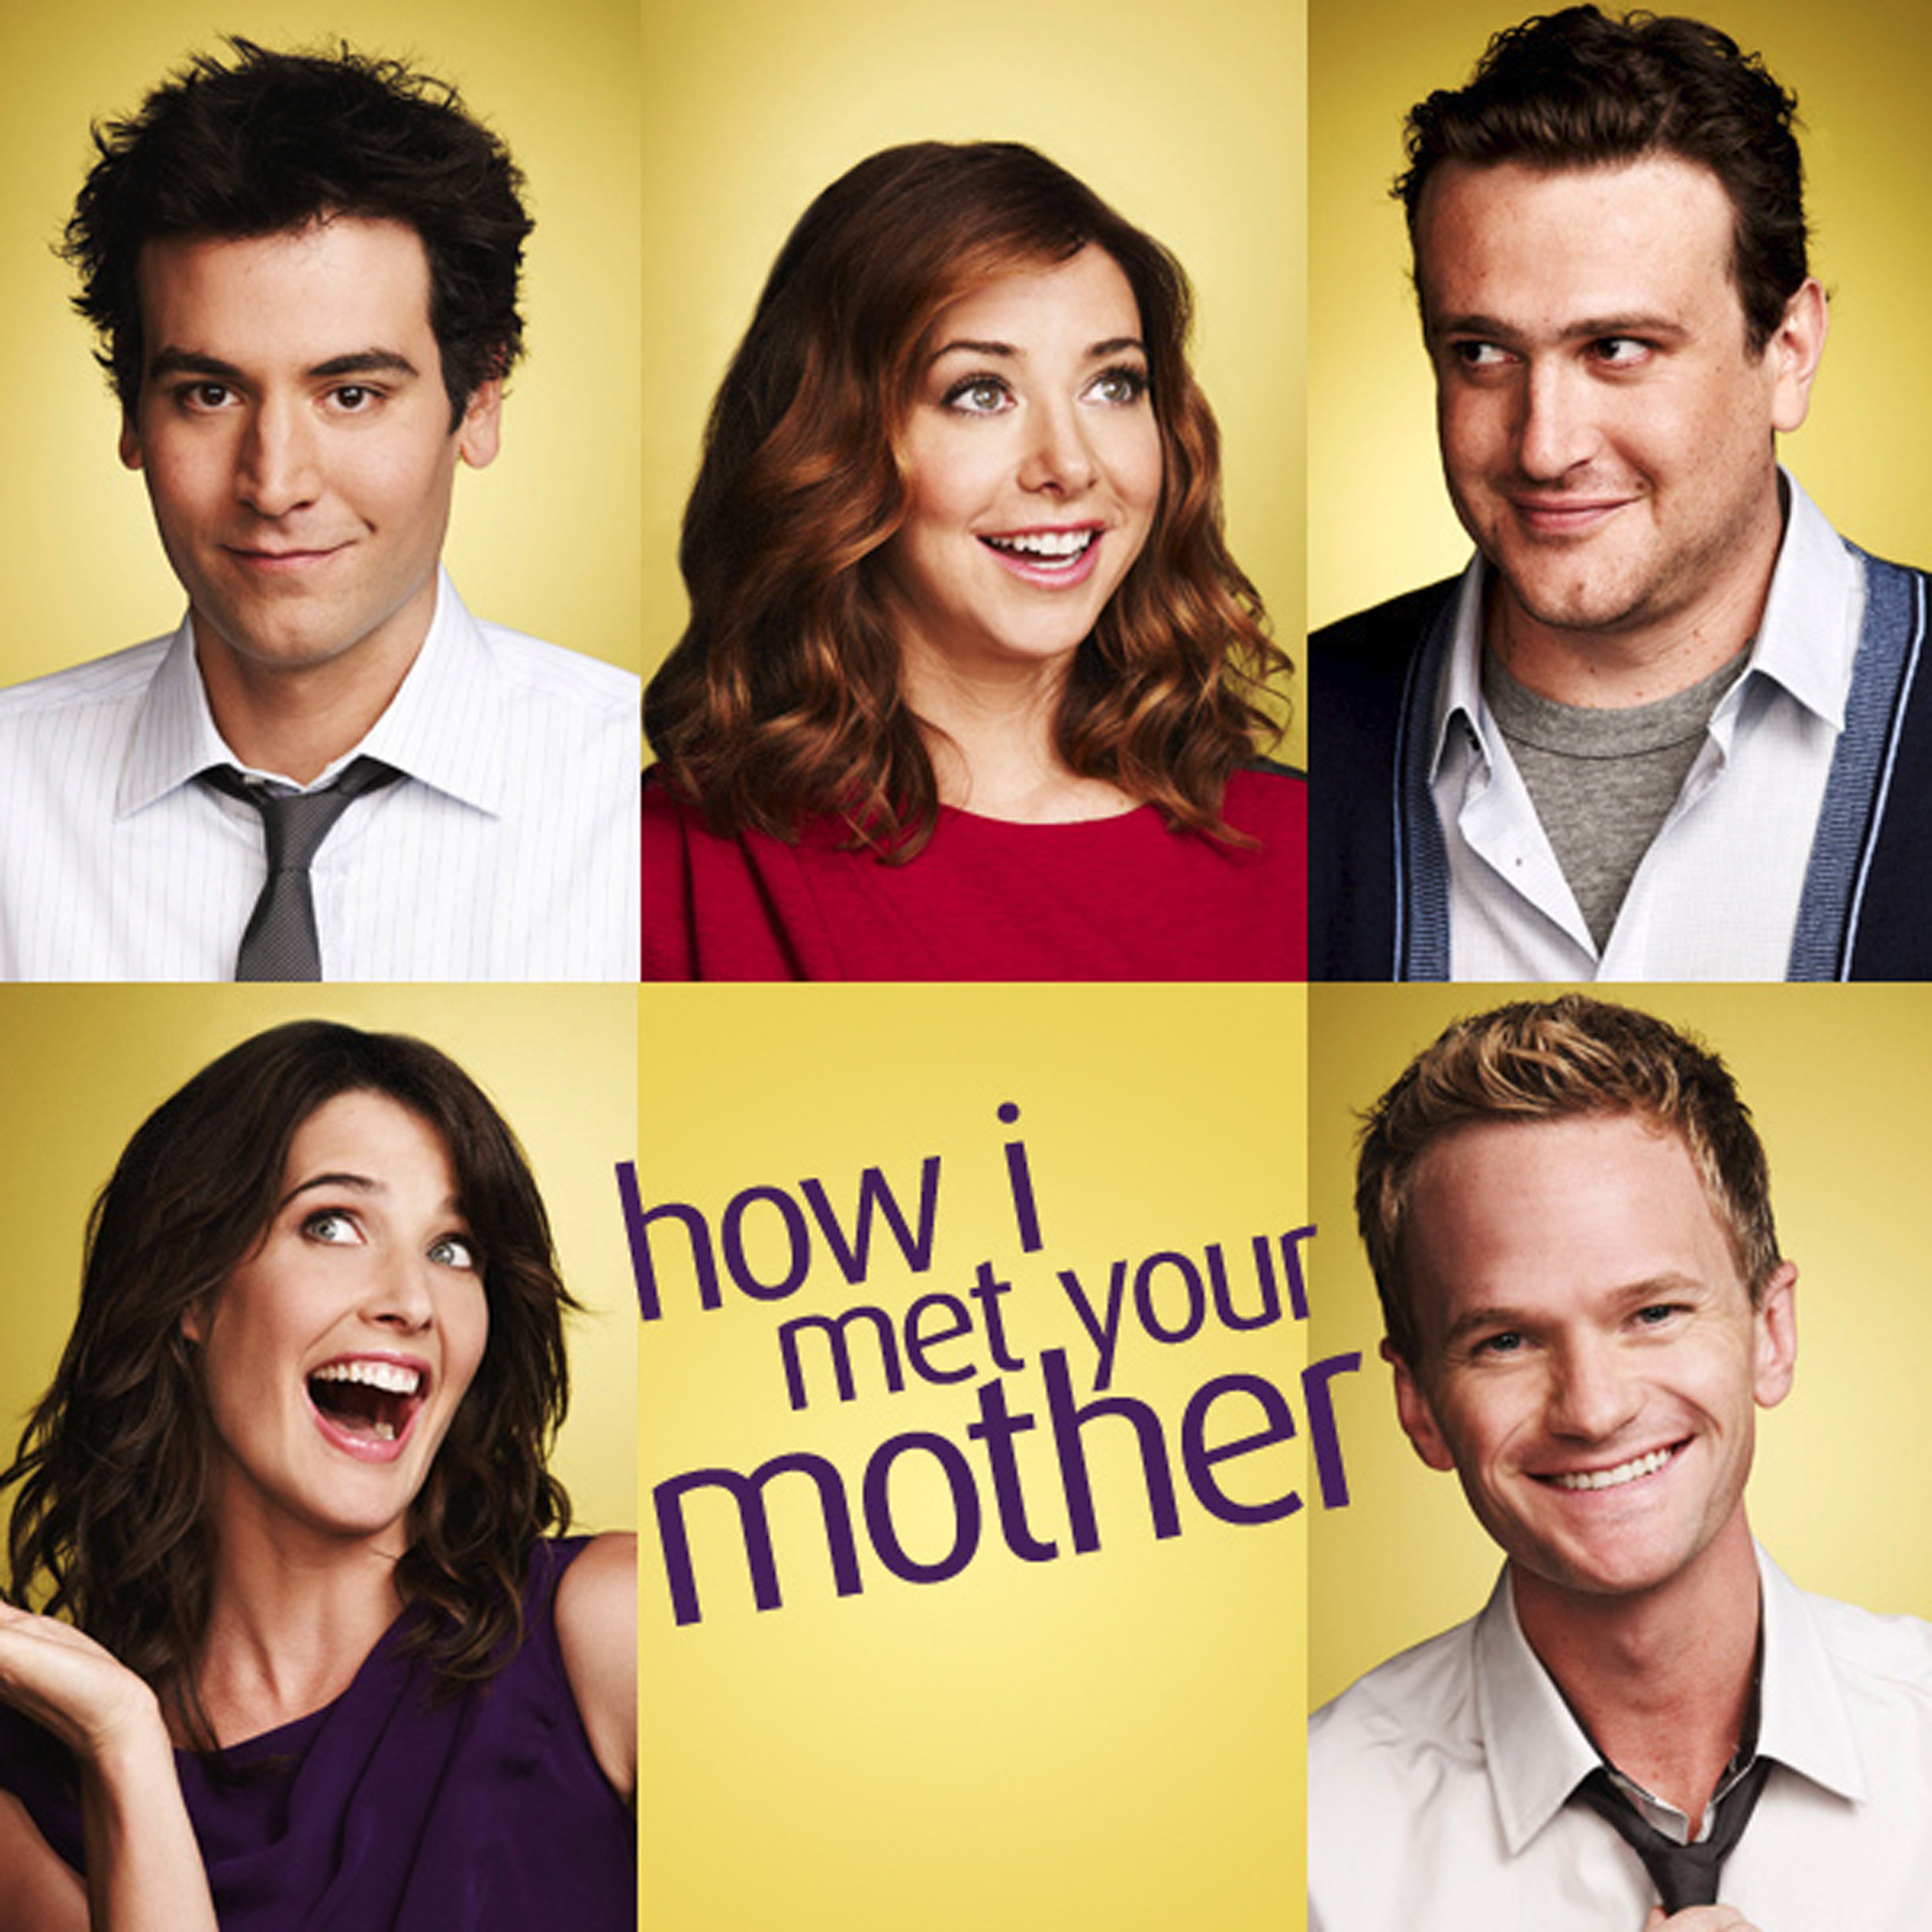 Melhores séries para aprender inglês How I met your mother